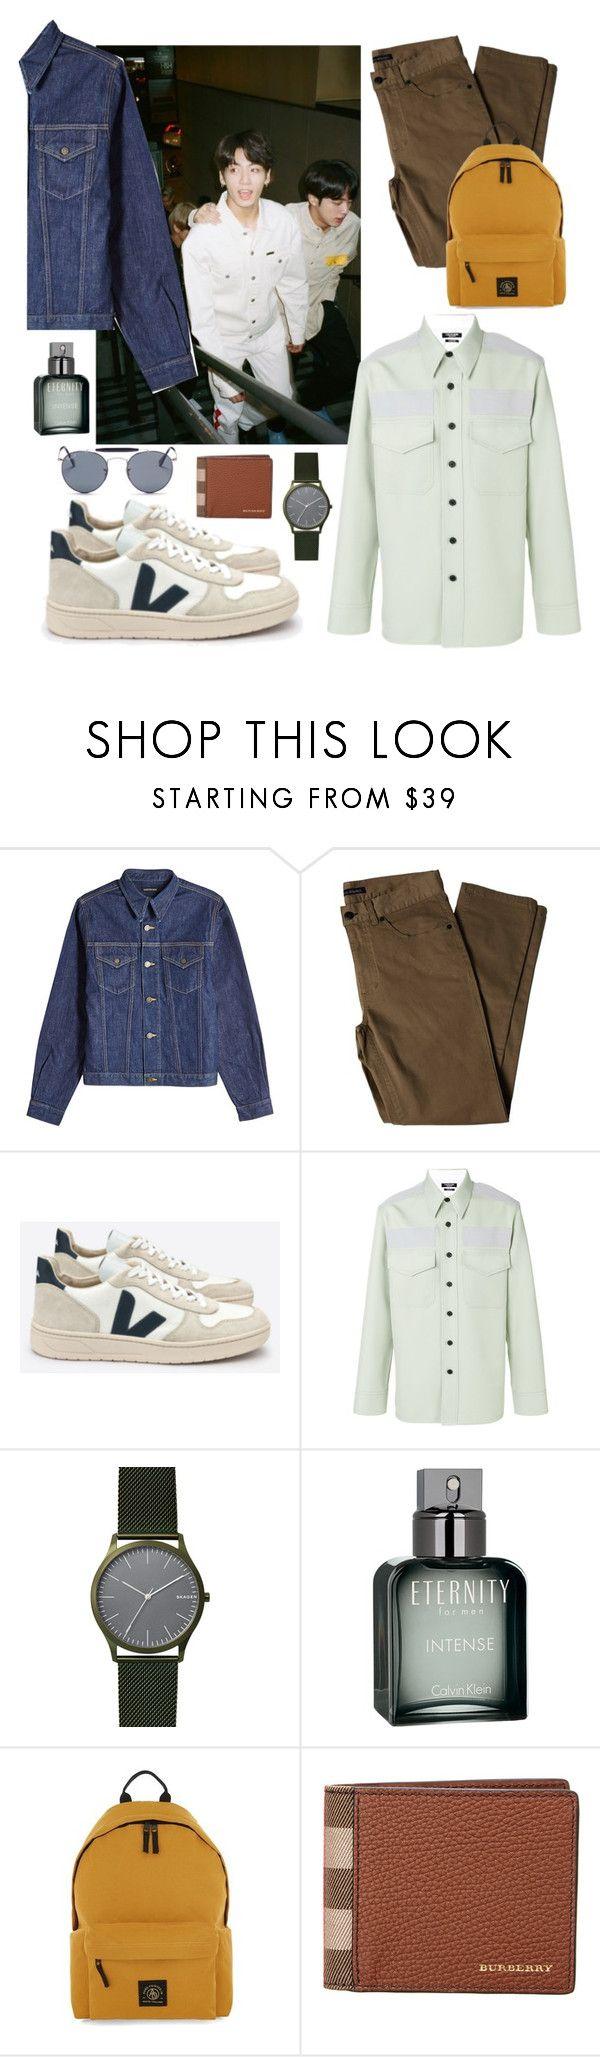 """""""방탄 street style"""" by omithenaomi ❤ liked on Polyvore featuring Calvin Klein 205W39NYC, Lords of Harlech, Skagen, Calvin Klein, Topman, Burberry, Ray-Ban, men's fashion and menswear"""